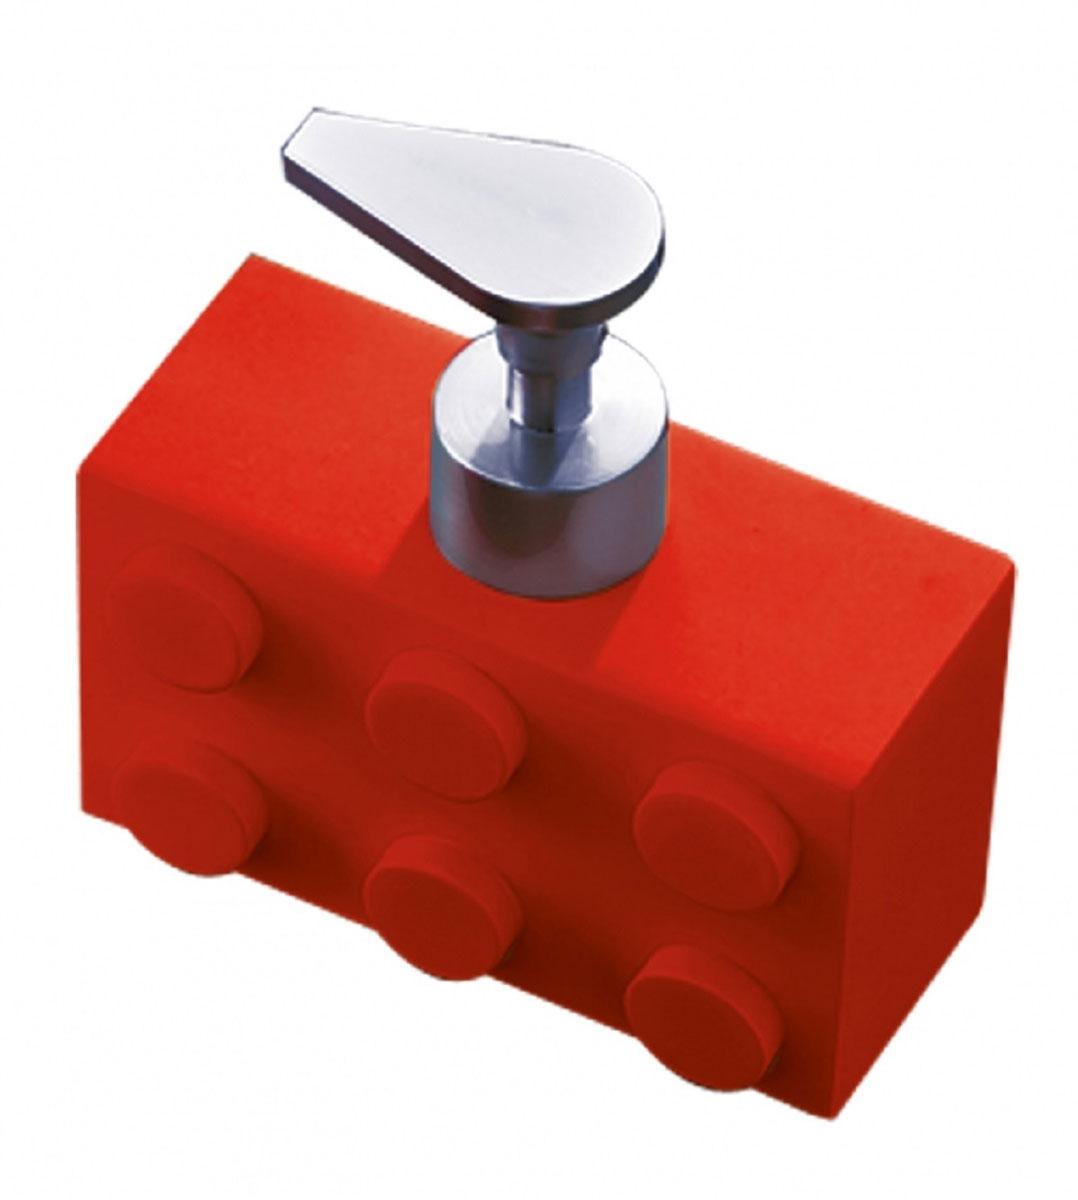 Дозатор для жидкого мыла Ridder Bob, цвет: красный, 280 мл22210506Дозатор для жидкого мыла Ridder Bob, изготовленный из экологичной полирезины,отлично подойдет для вашей ванной комнаты.Такой аксессуар очень удобен в использовании,достаточно лишь перелить жидкое мыло вдозатор, а когда необходимо использованиемыла, легким нажатием выдавить нужноеколичество. Дозатор для жидкого мыла Ridder Bobсоздаст особую атмосферу уюта и максимальногокомфорта в ванной.Объем дозатора: 280 мл.